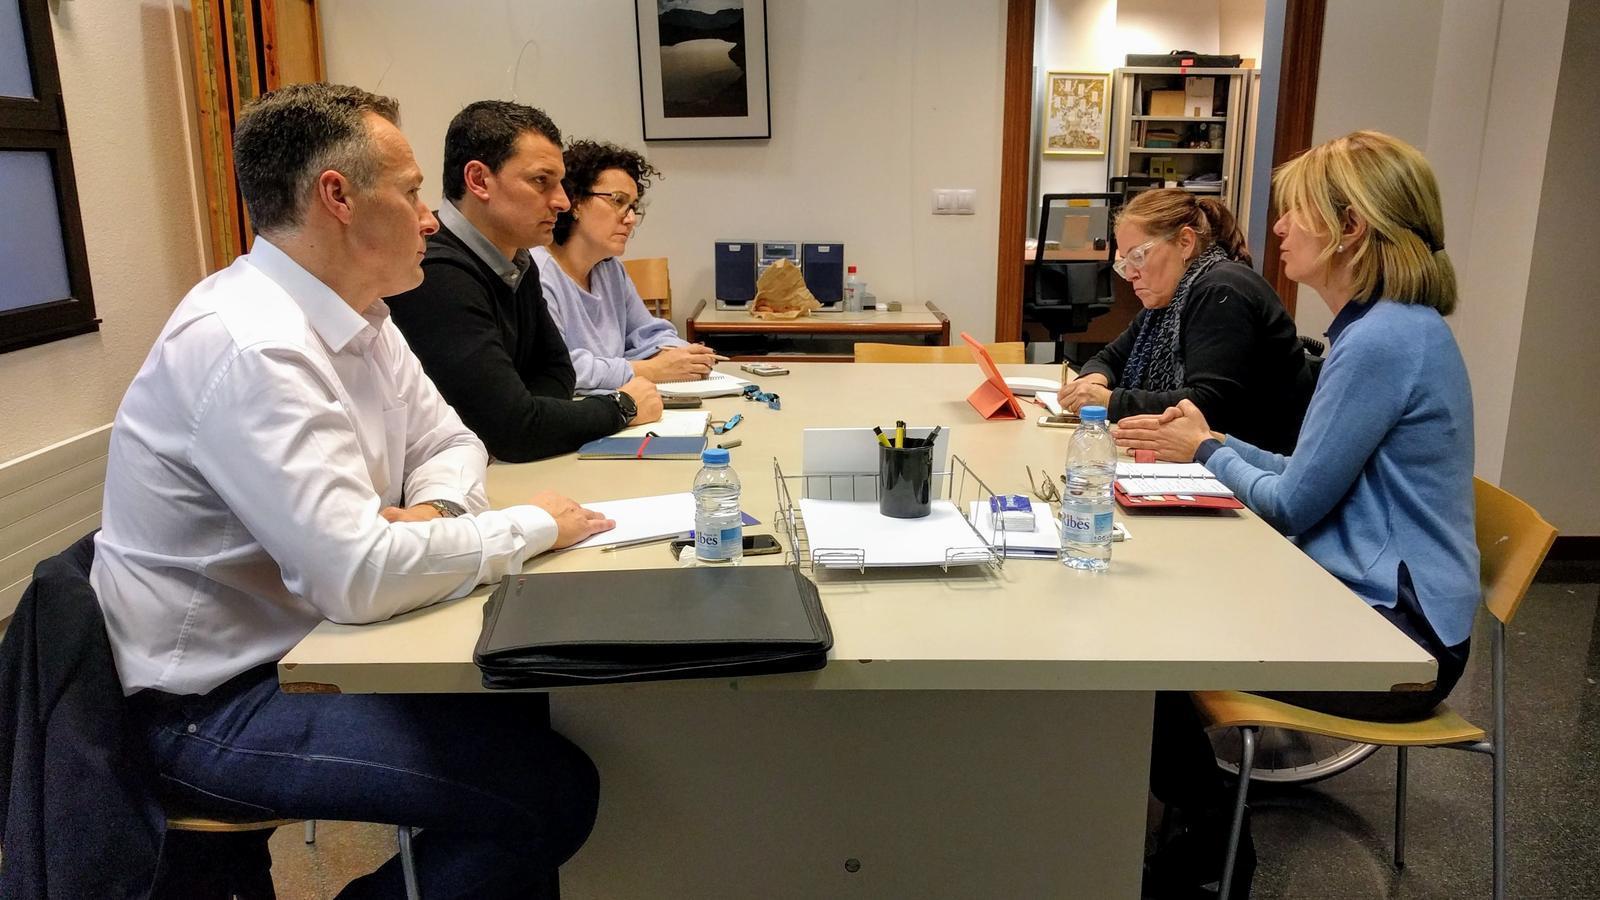 Els consellers liberals Ferran Costa, Jordi Gallardo i Judith Pallarés, reunits amb les representants d'AMIDA i AUTEA. / LIBERALS D'ANDORRA